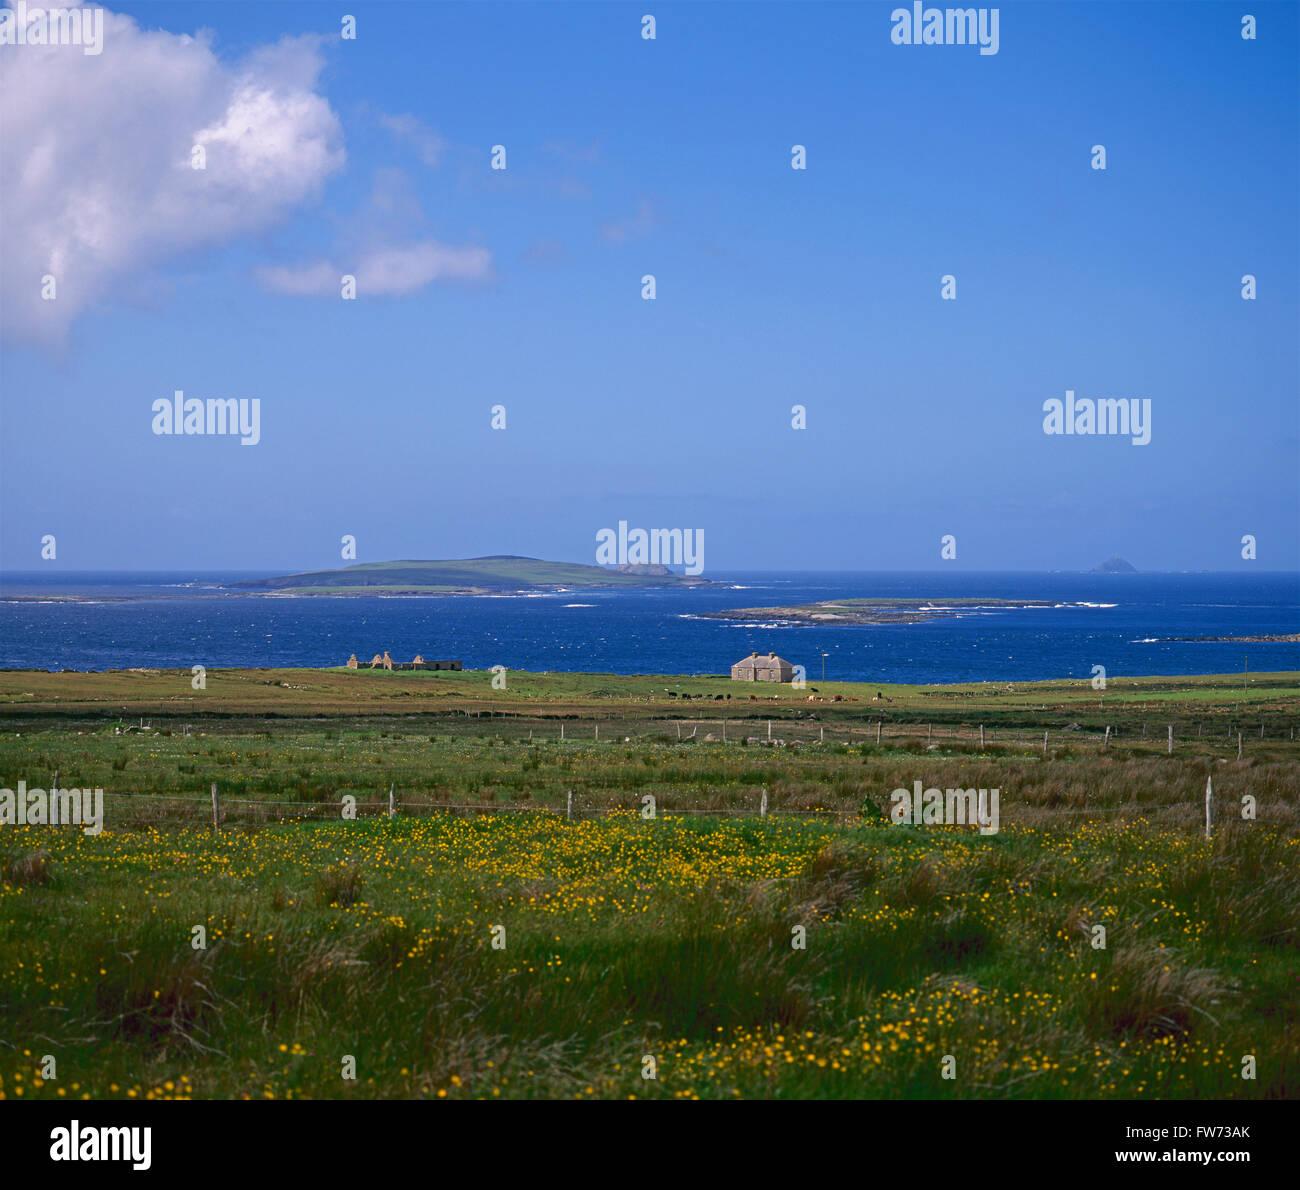 Belmullet Peninsula, County Mayo, Ireland - Stock Image